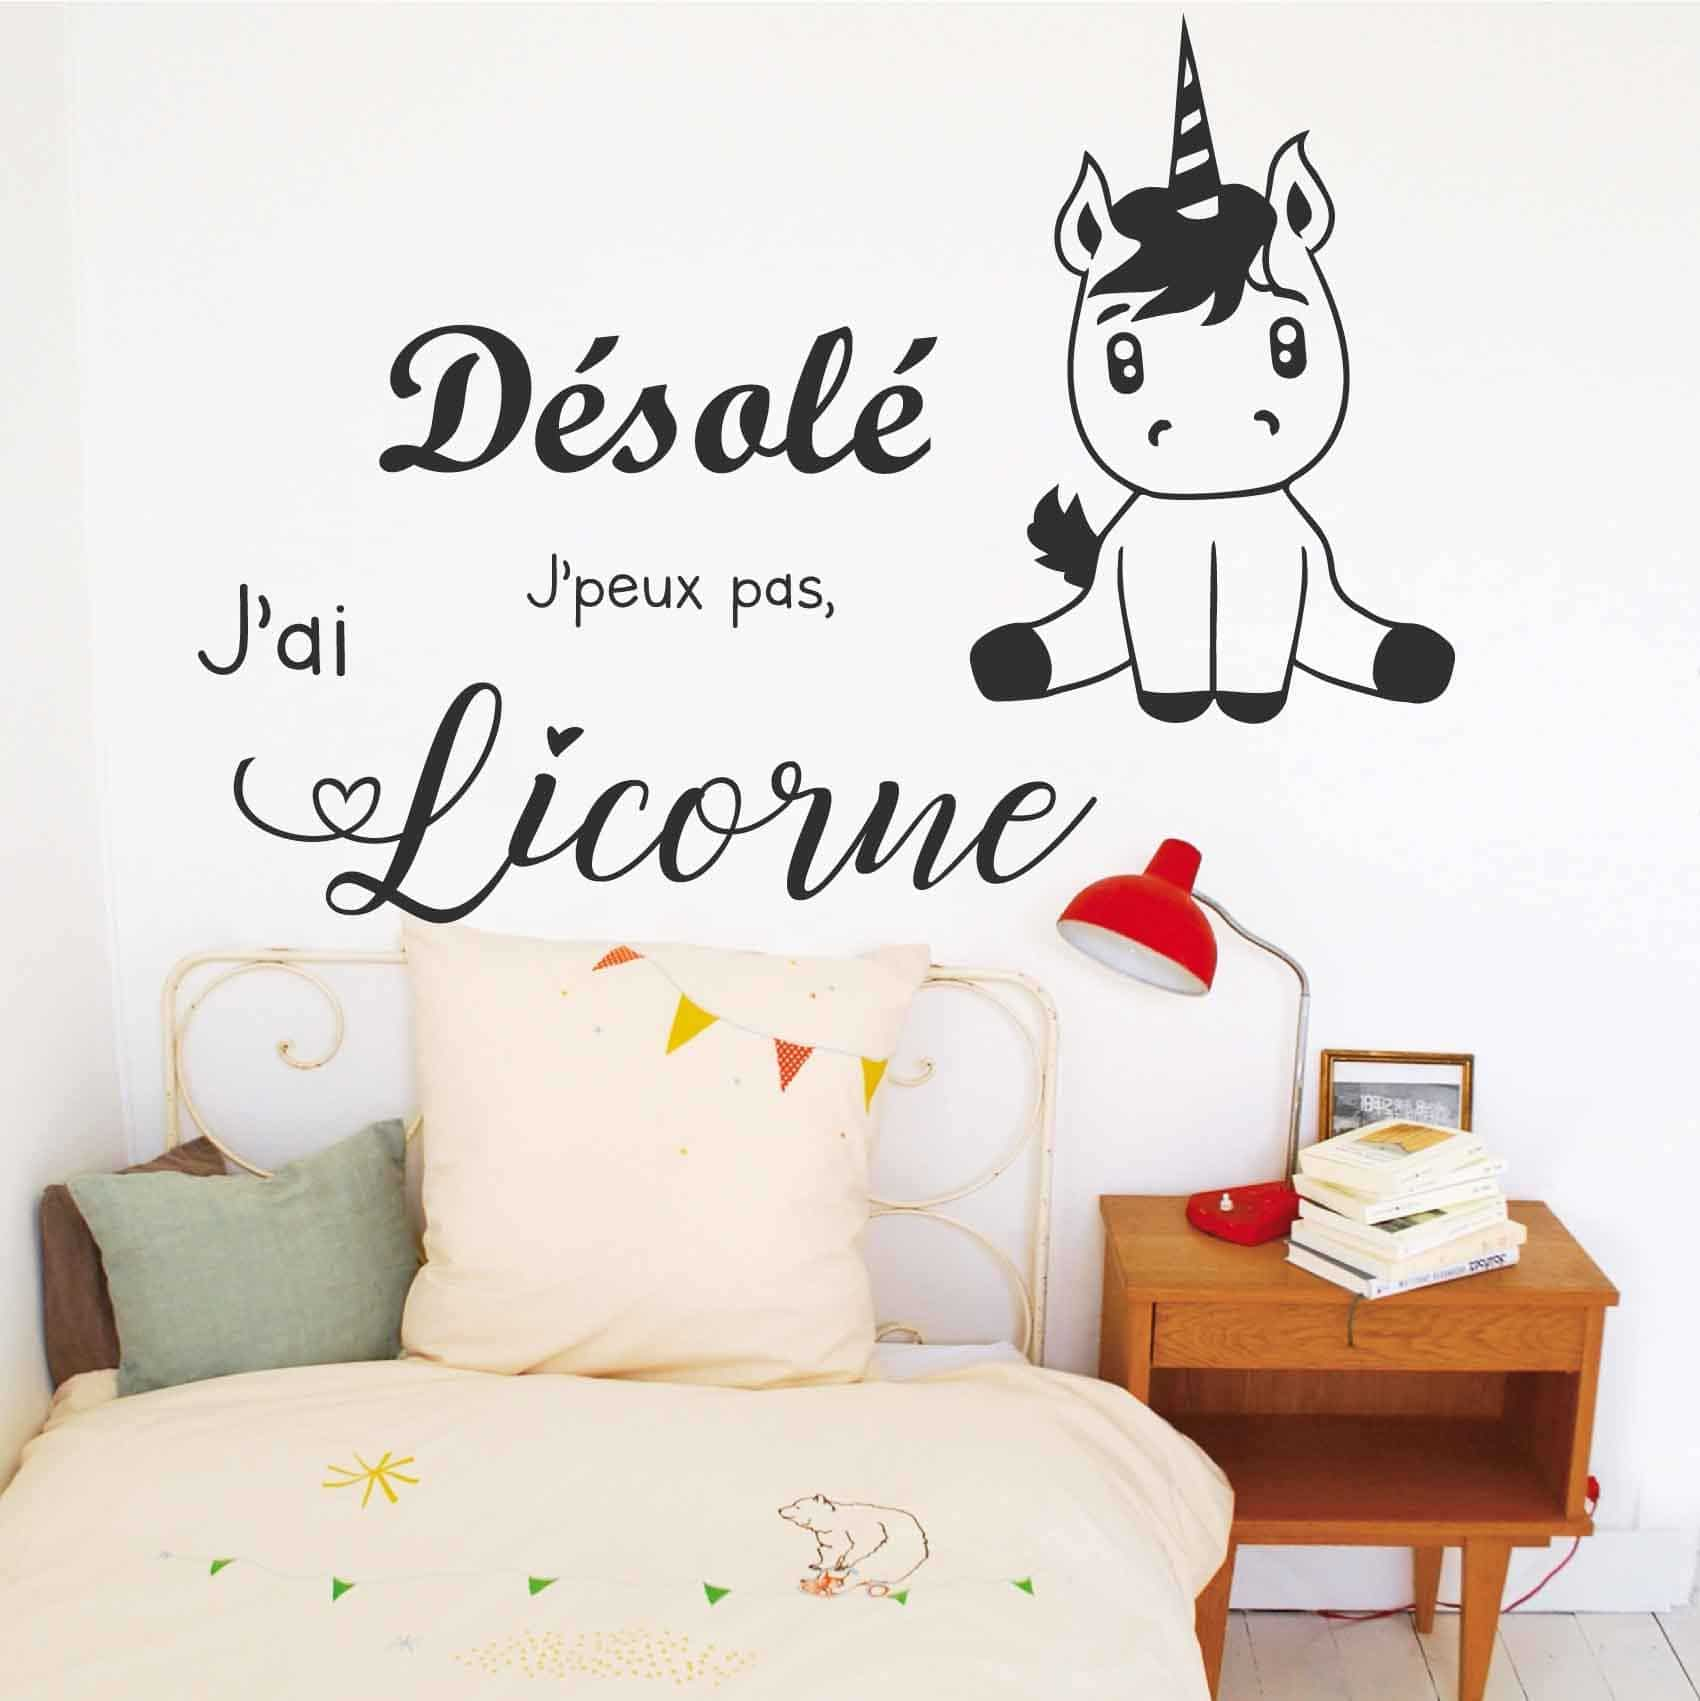 19 idées déco pour une chambre licorne réussie - Ctendance.fr